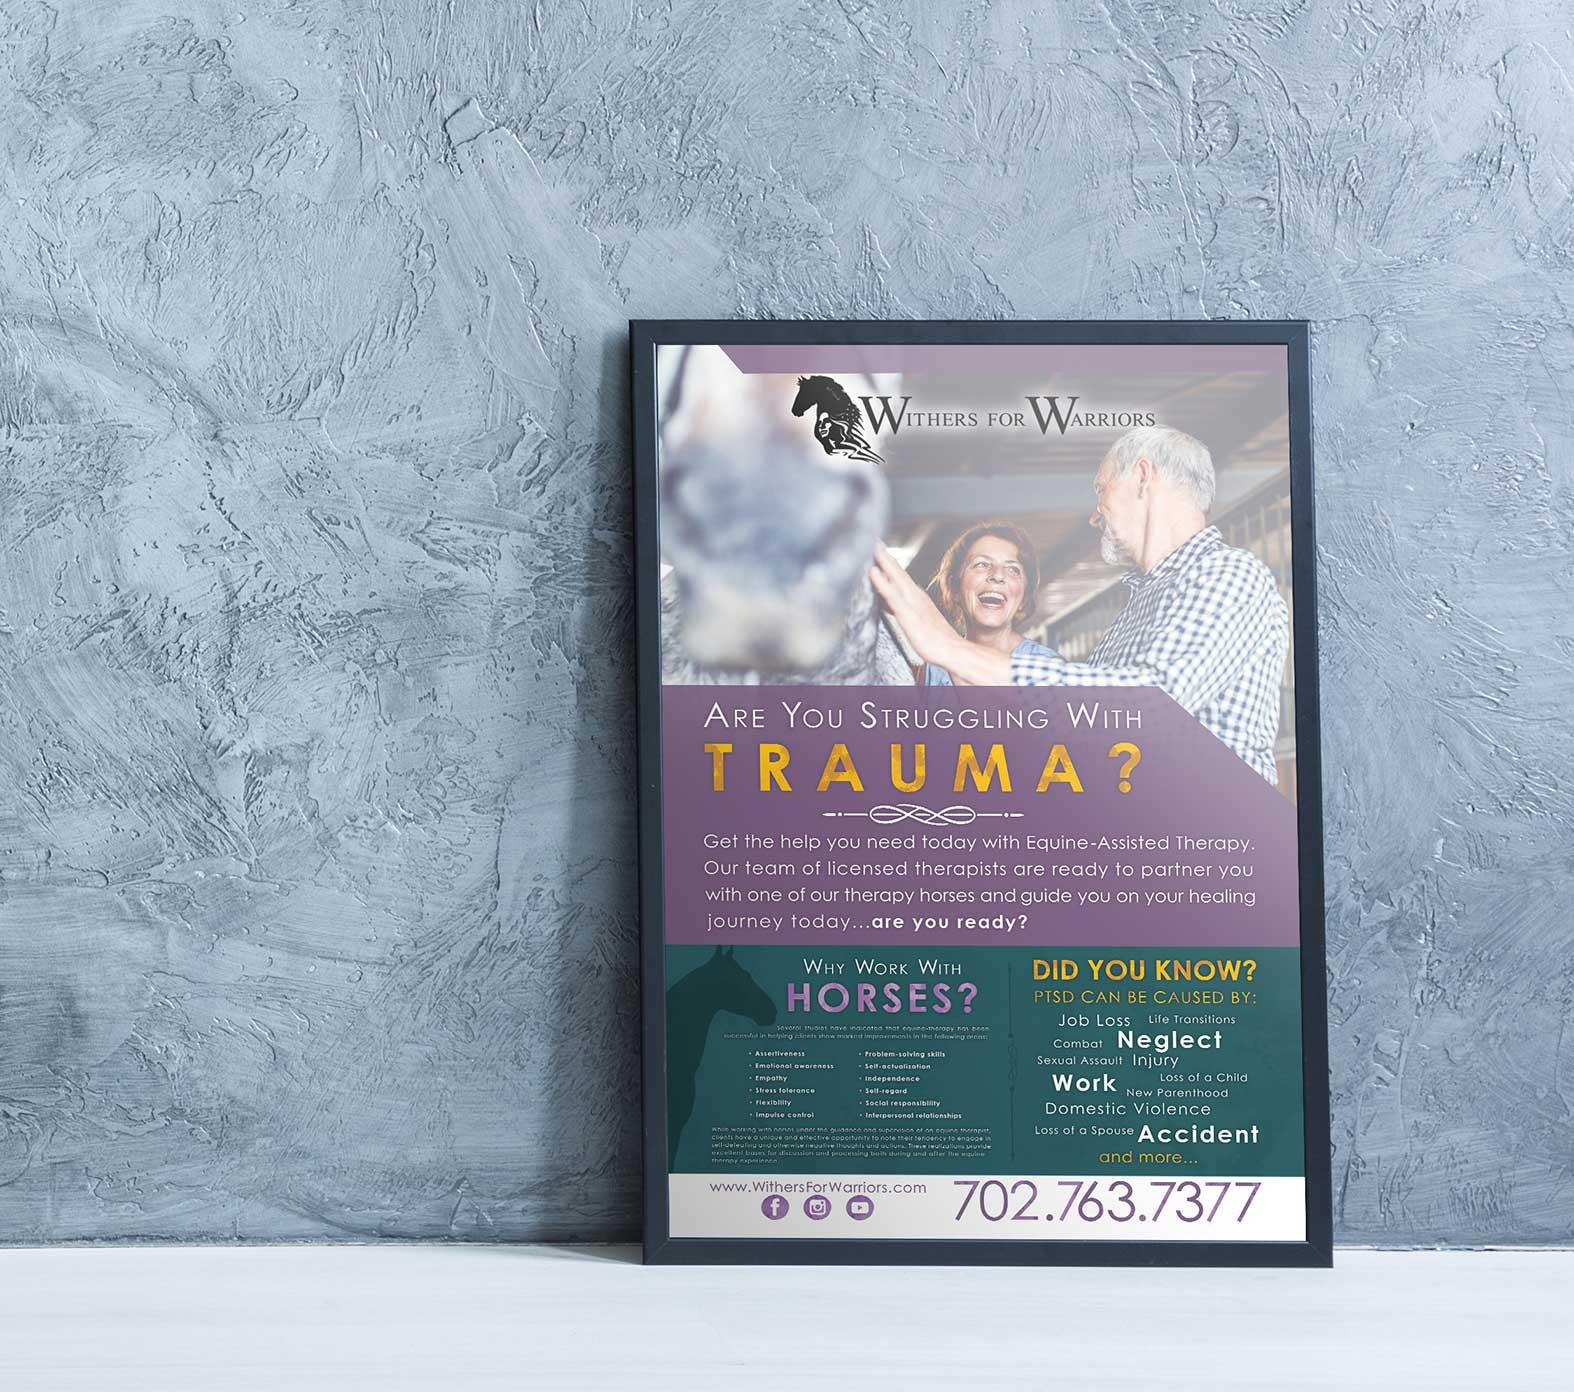 W4W Marketing Info-Poster Design